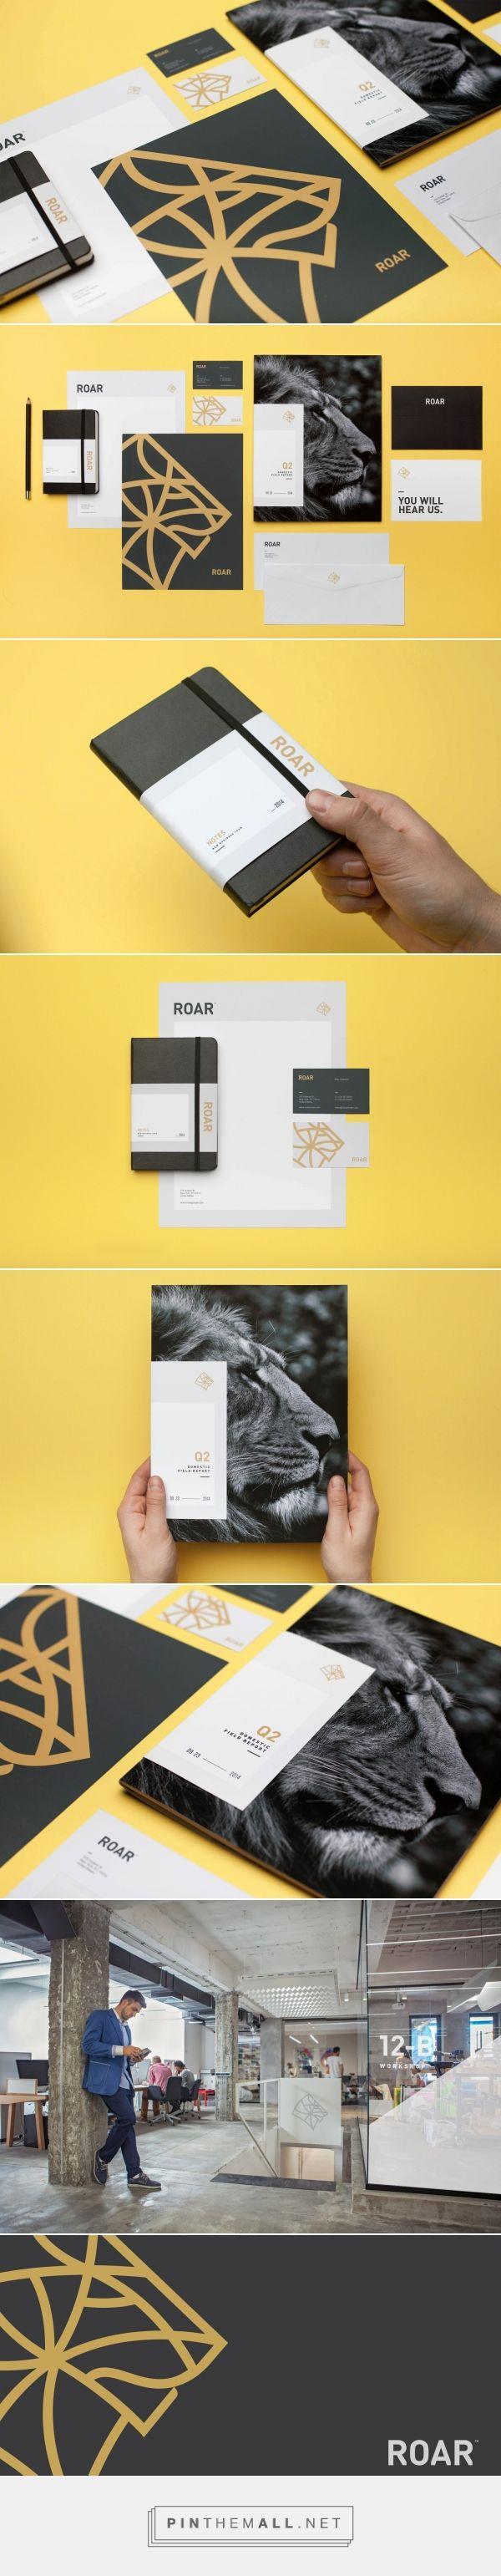 Roar Groupe. #marca #brand #branding #diseño #design #gráfico #graphic #inspiración #inspiration #creatividad #creativity #portfolio #tipografía #typography #logo #logotype #editorial #mockup #roar #negro #black  #amarillo #yellow #león #lyon